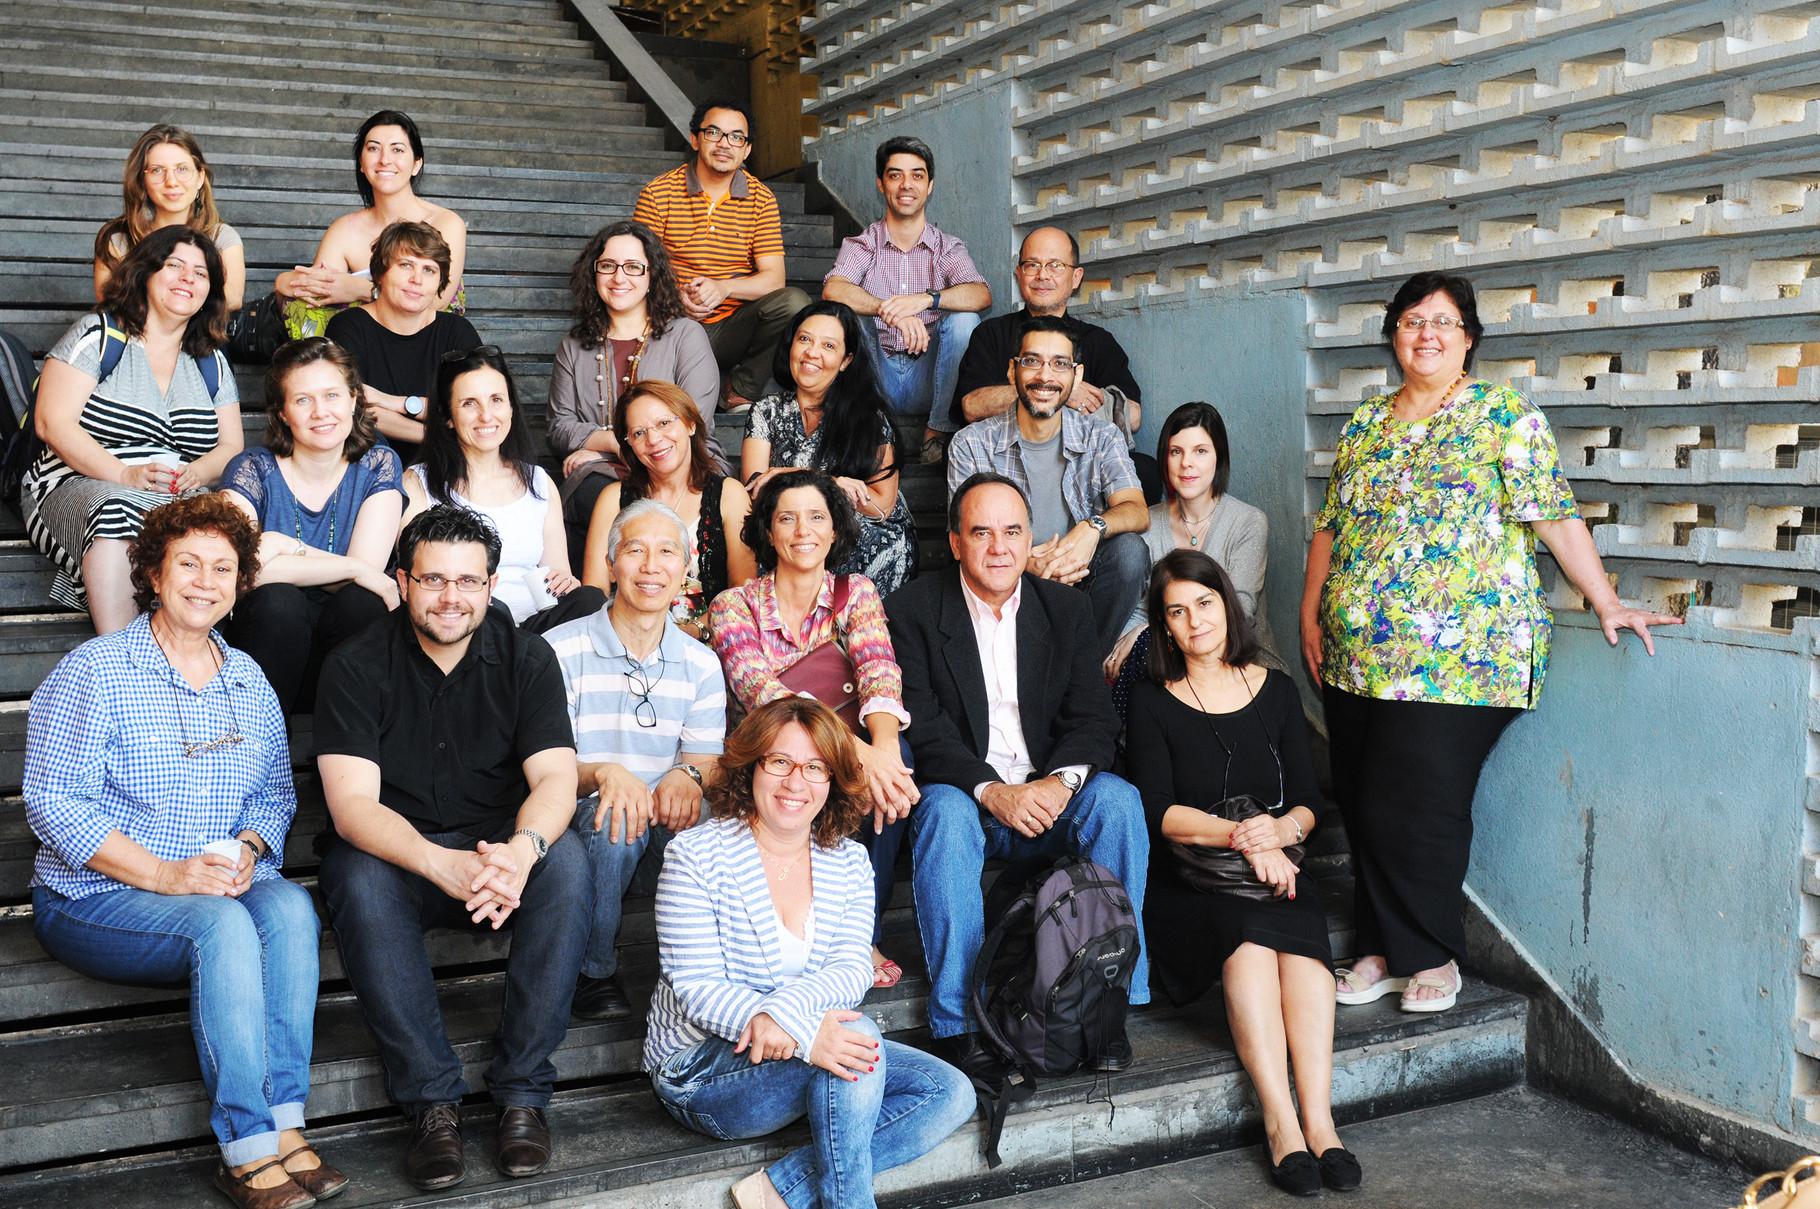 IV Fórum de Coordenadores de Graduação em Artes Visuais –  23º ANPAP - UFMG (Escola de Belas Artes) - 15/set/2014 - Belo Horizonte/MG